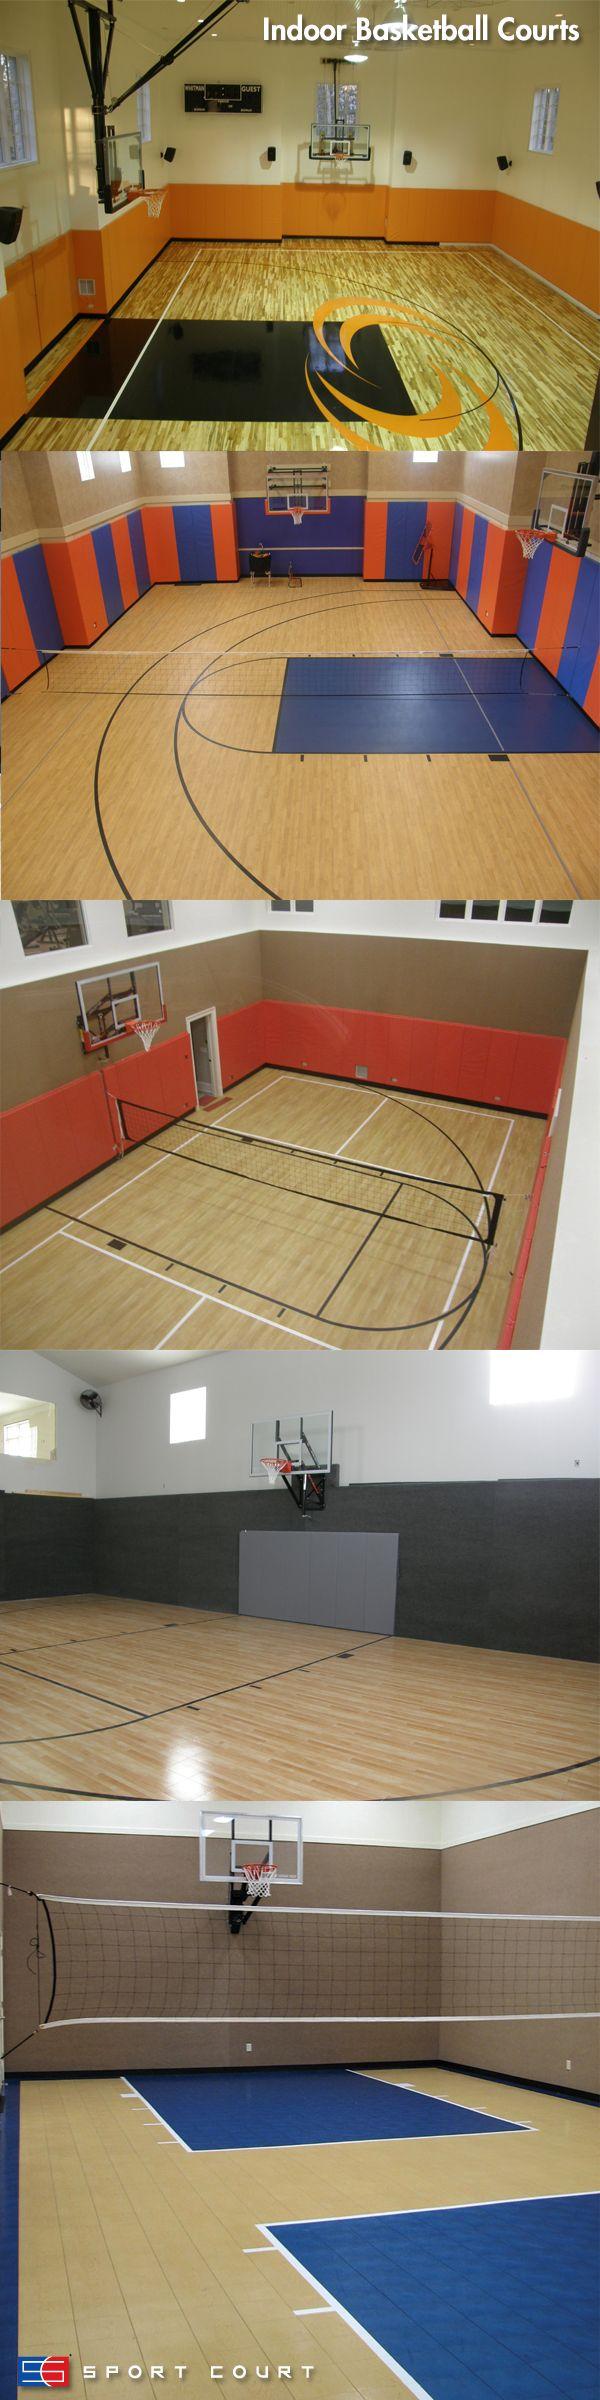 16 Indoor Sports Court Ideas Indoor Sports Court Home Basketball Court Indoor